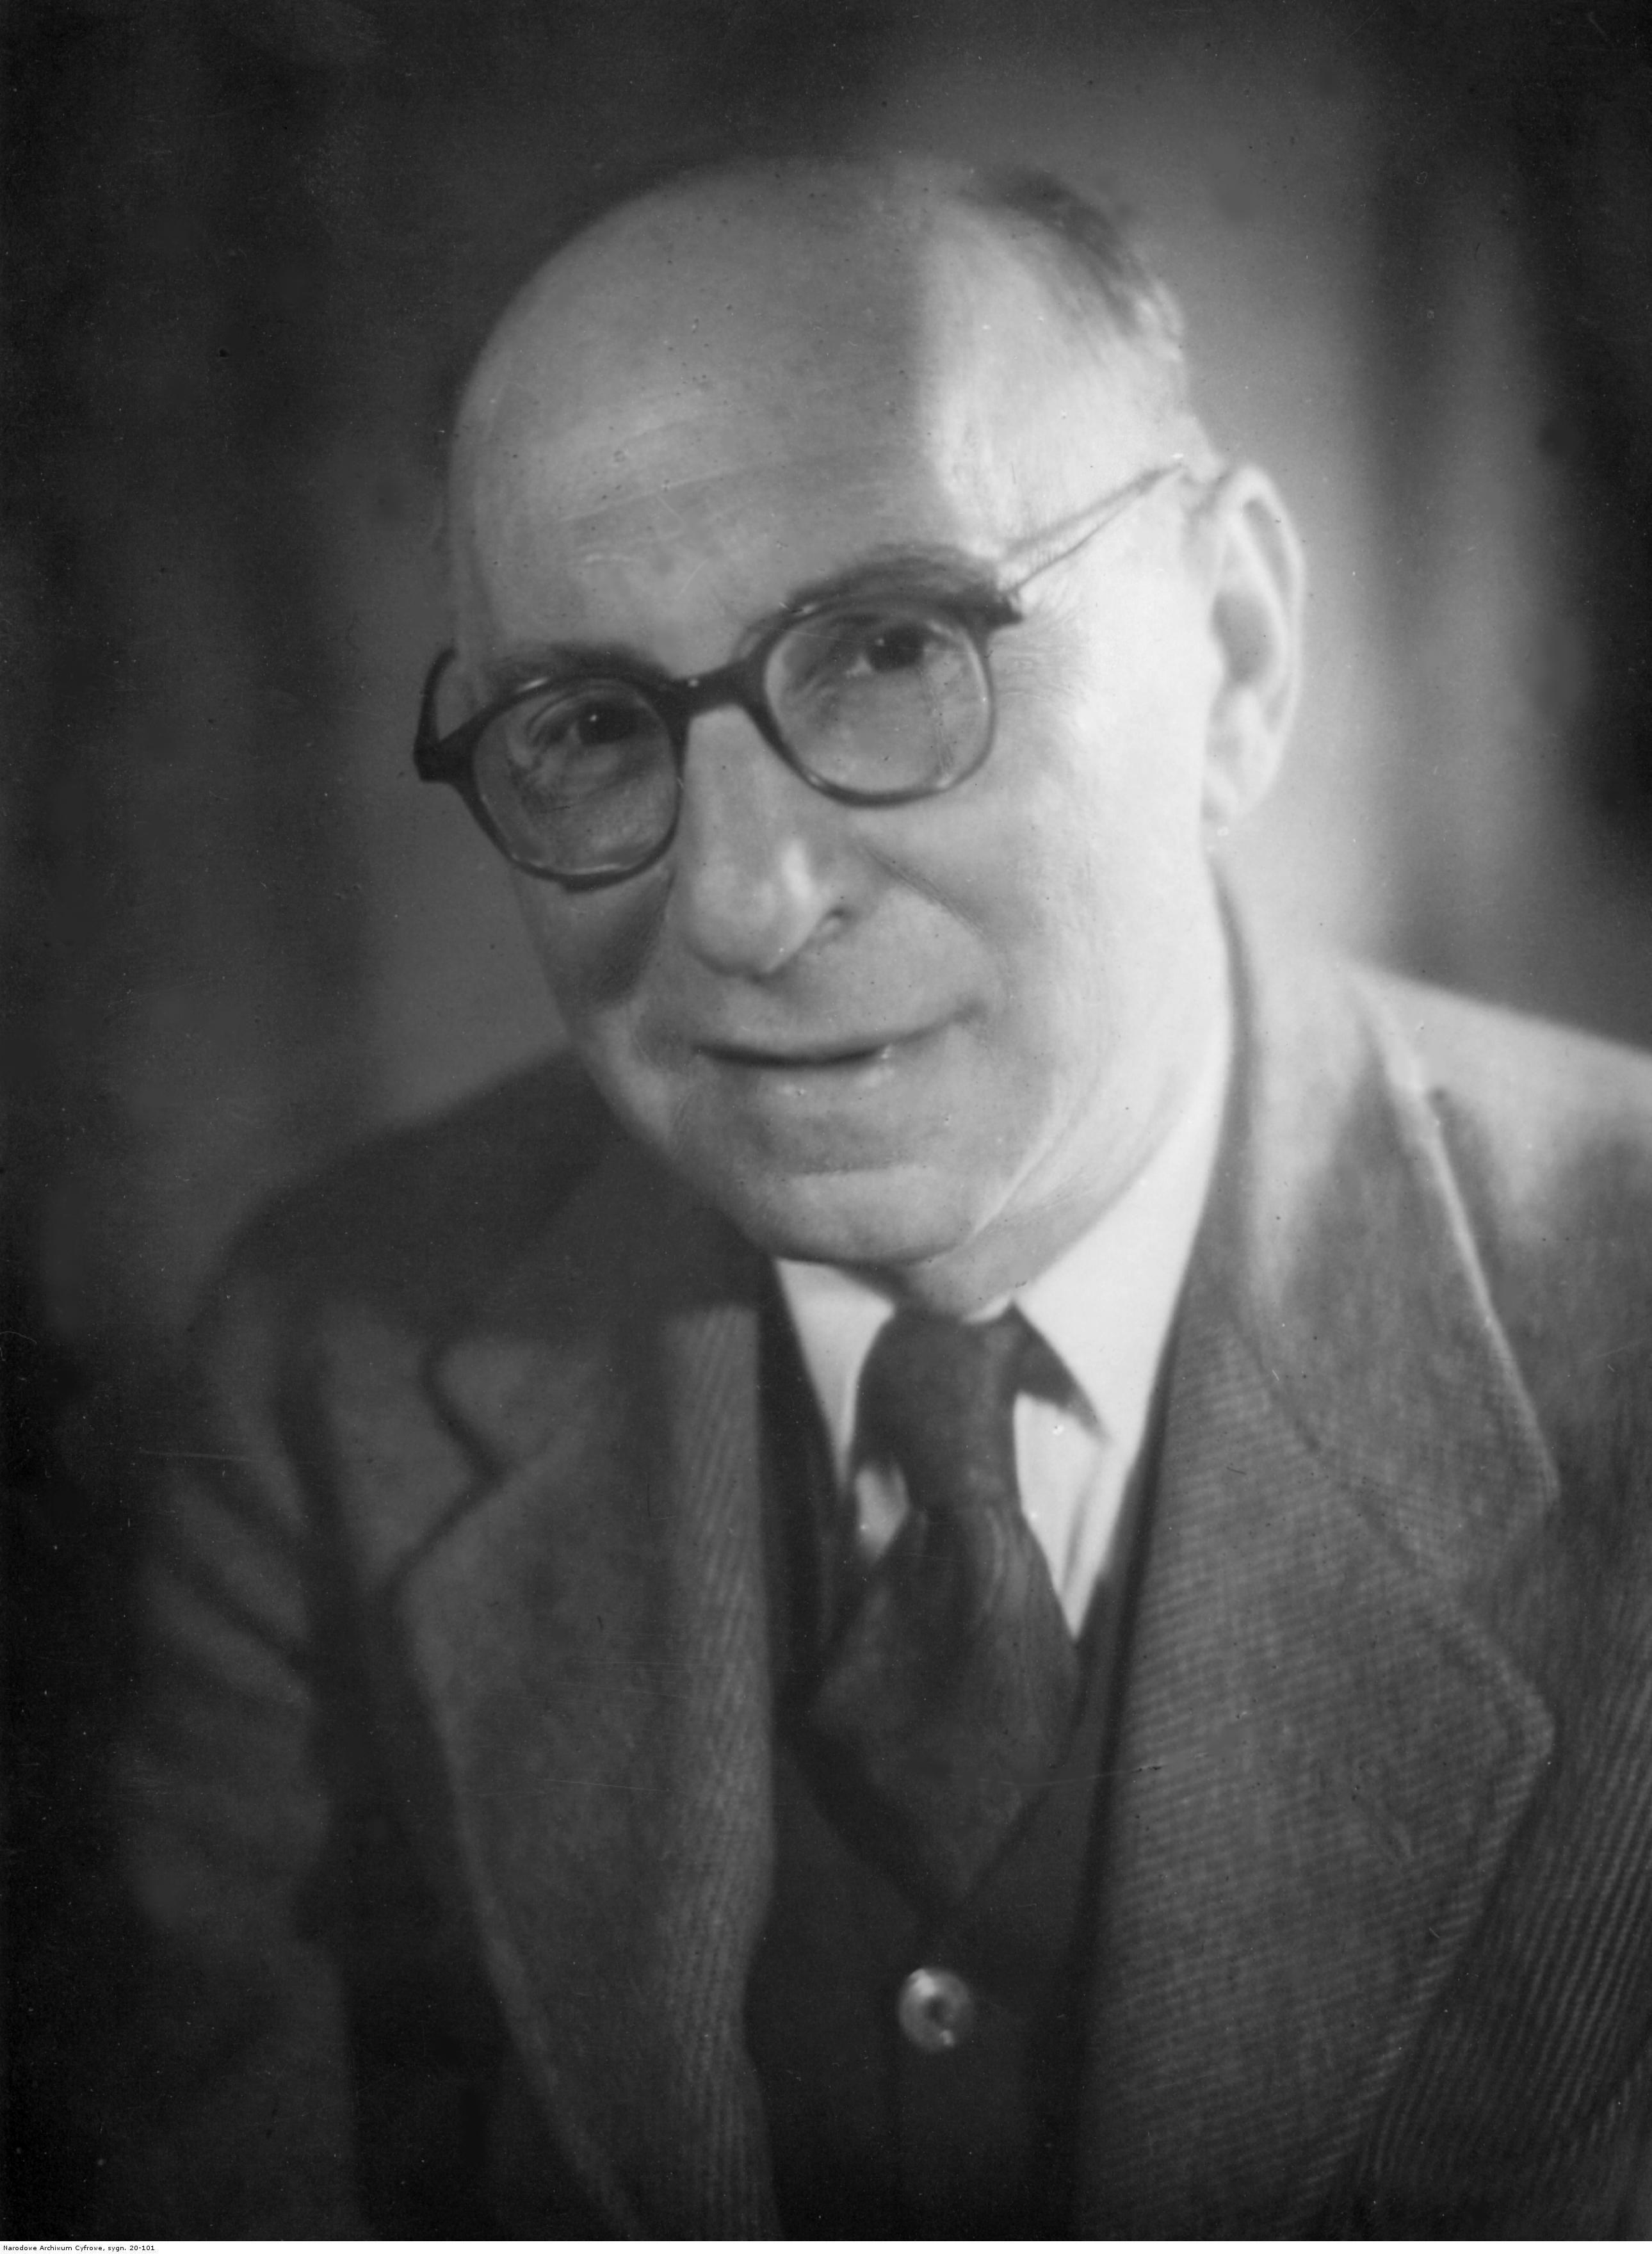 Antoni Słonimski na fotografii portretowej z końca lat 40.